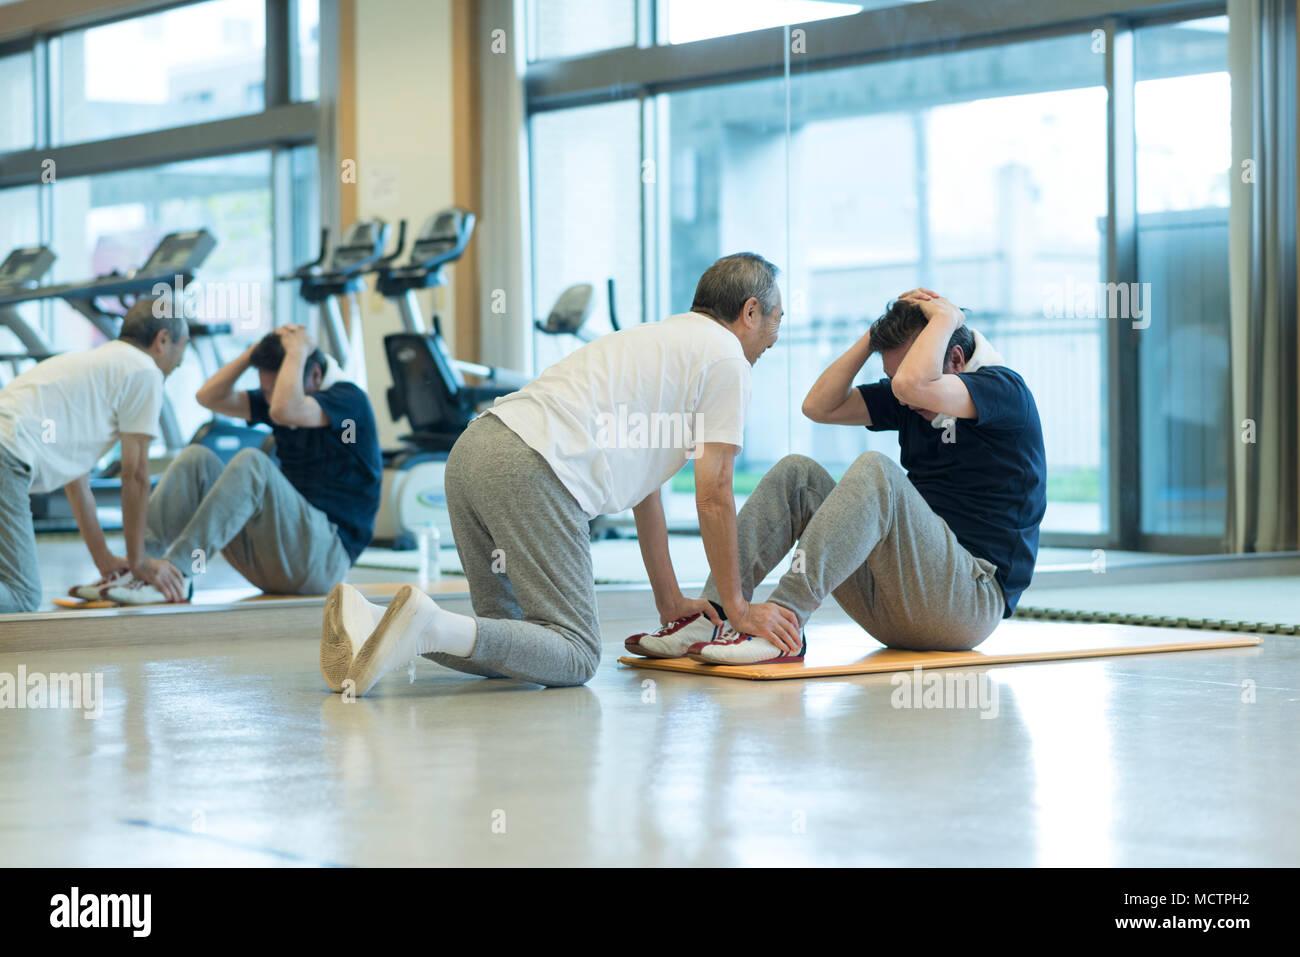 Ejercitar los músculos del abdomen superior de hombre Imagen De Stock